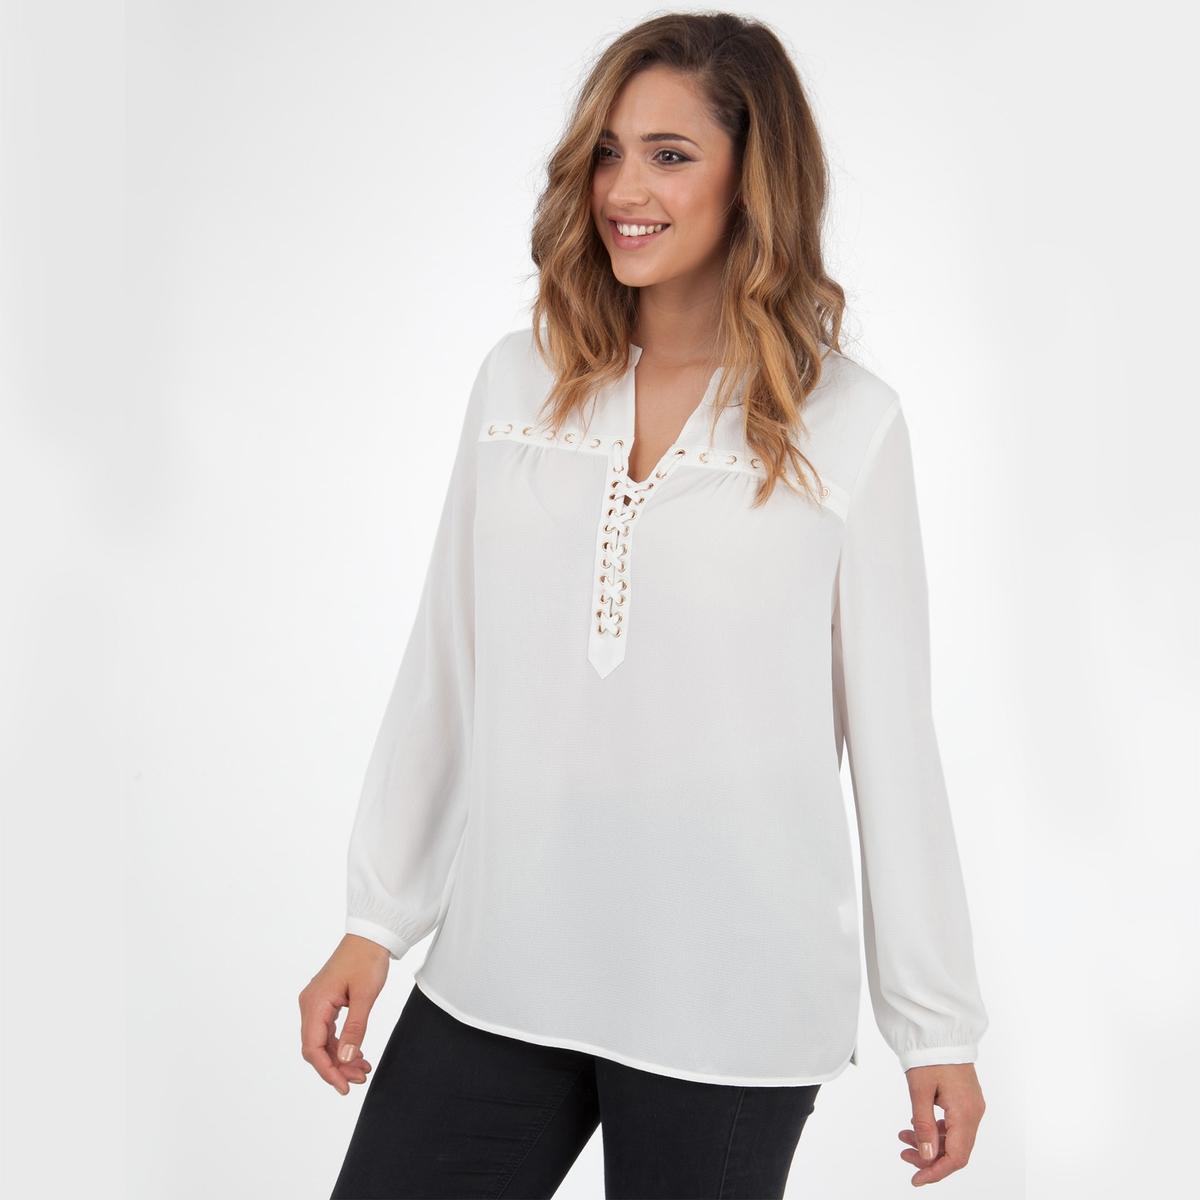 БлузкаБлузка с длинными рукавами LOVEDROBE.  Красивая блузка с эффектом шнуровки спереди  . 100% полиэстер<br><br>Цвет: слоновая кость<br>Размер: 46 (FR) - 52 (RUS)